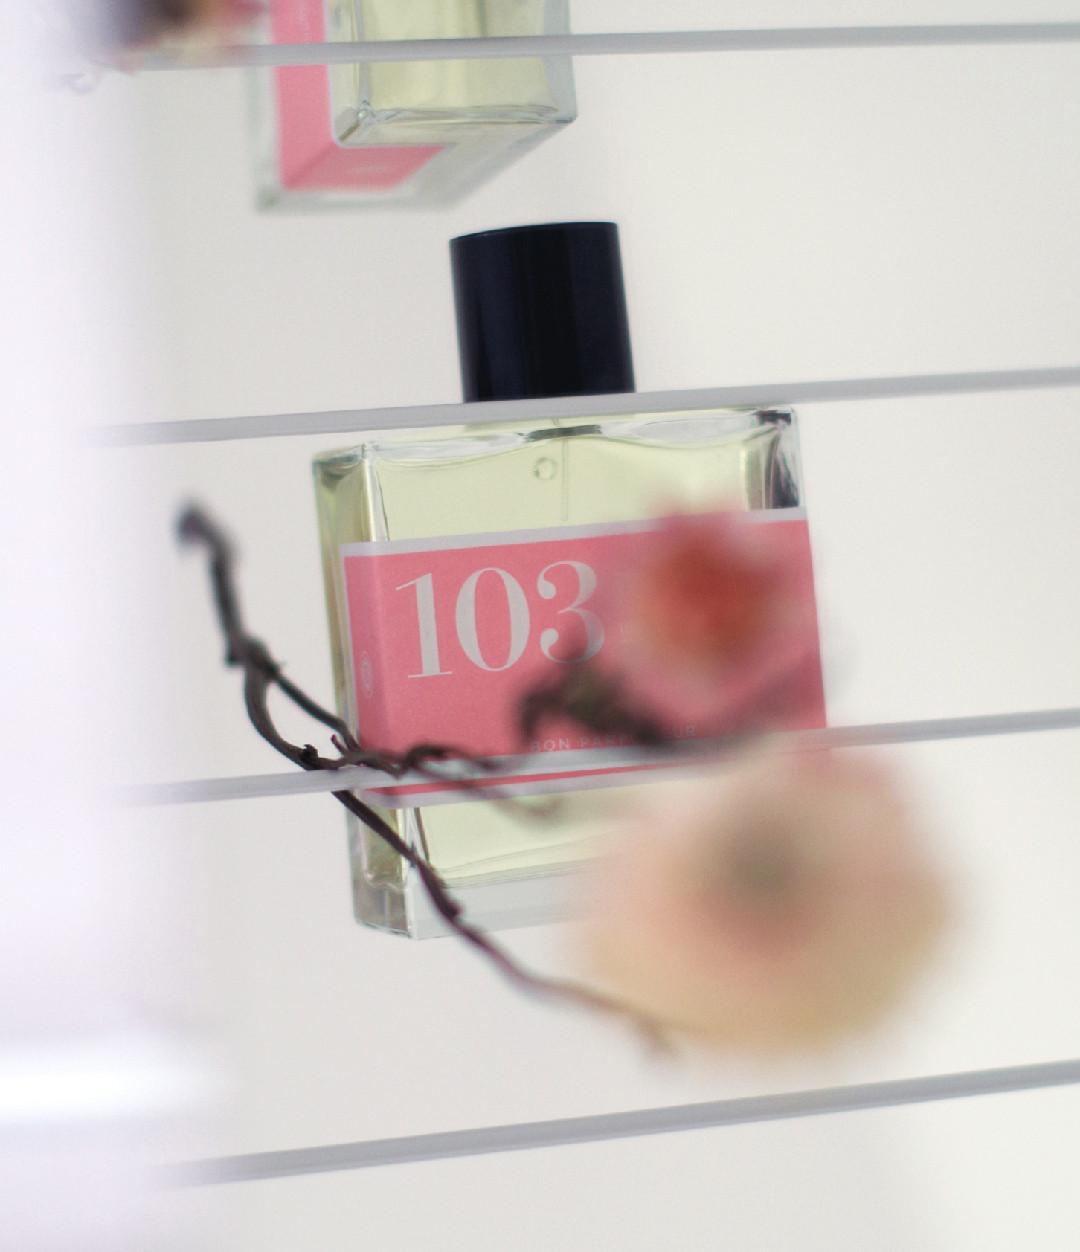 BON PARFUMEUR - Eau de Parfum #103 Fleur de Tiaré, Jasmin,Hibiscus